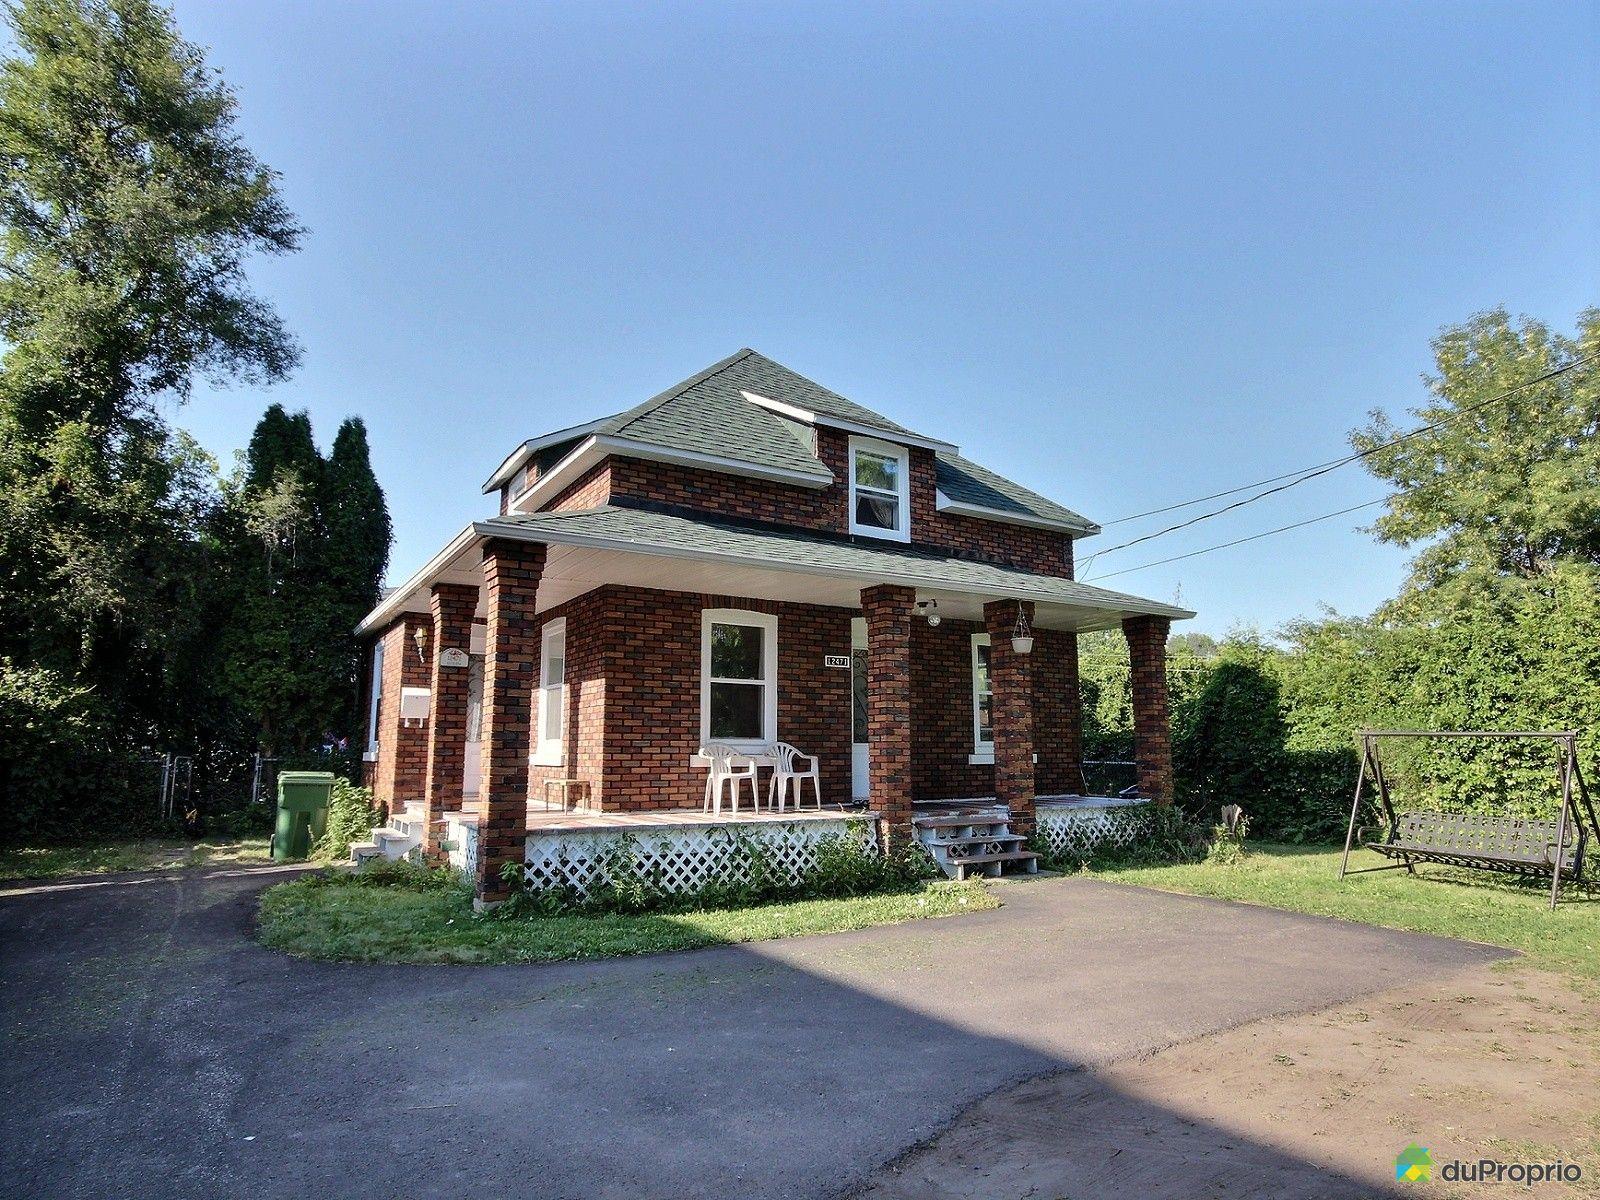 Maison vendre montr al 12471 boulevard gouin ouest for Boulevard exterieur